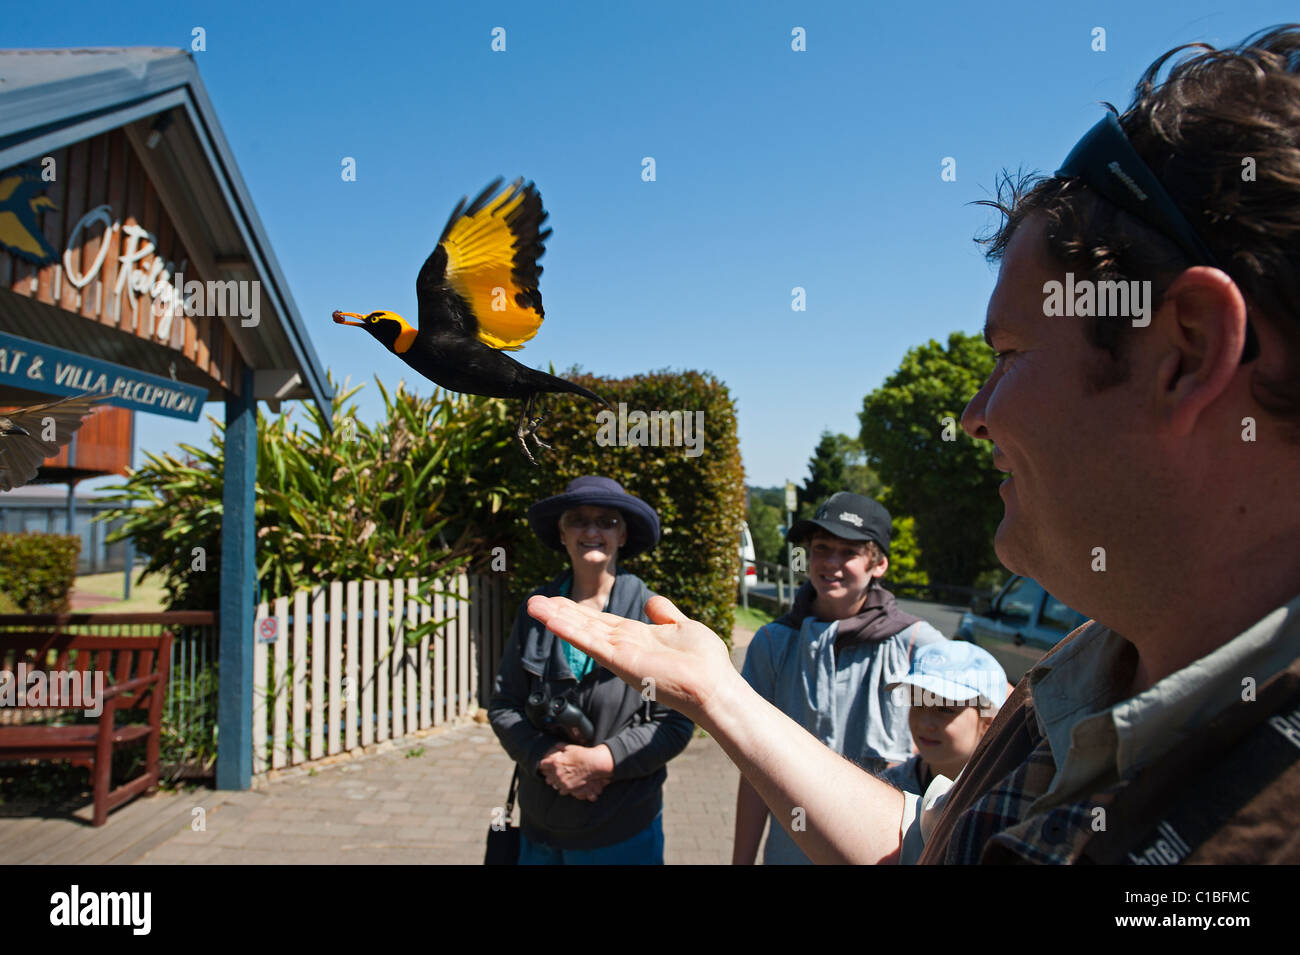 O'reilly's, Queensland Stock Photos & O'reilly's, Queensland